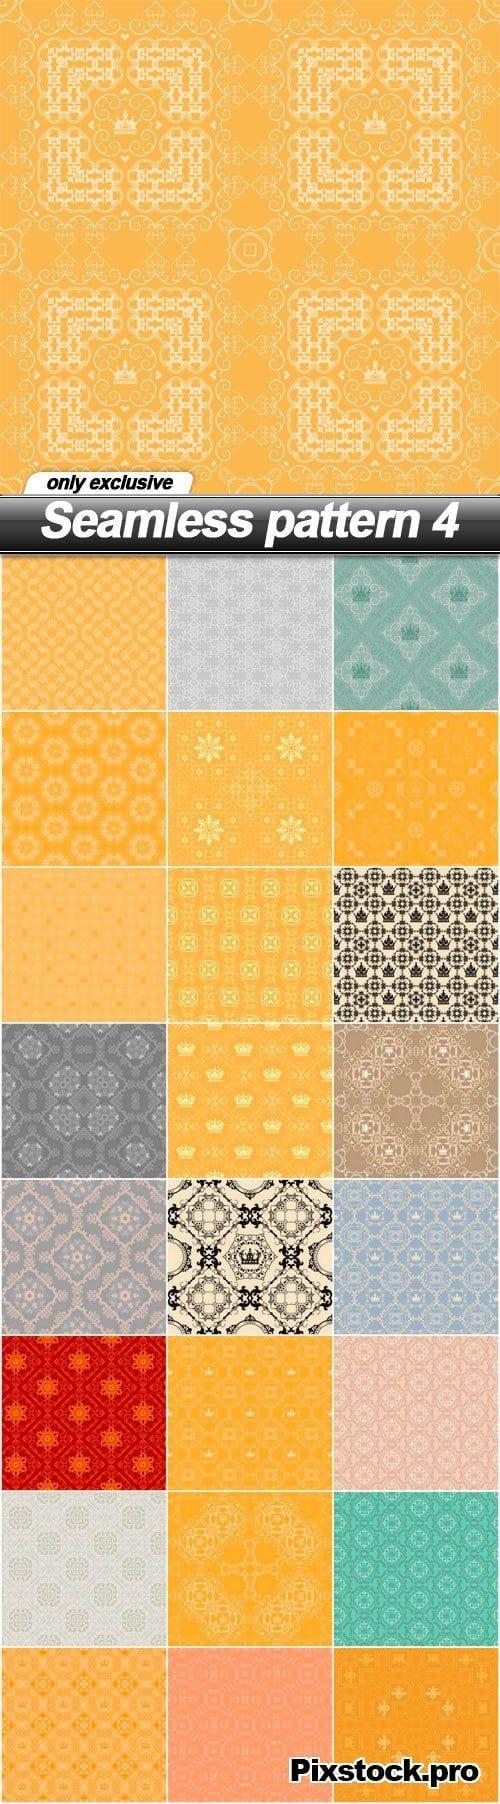 Seamless pattern 4 – 25 EPS